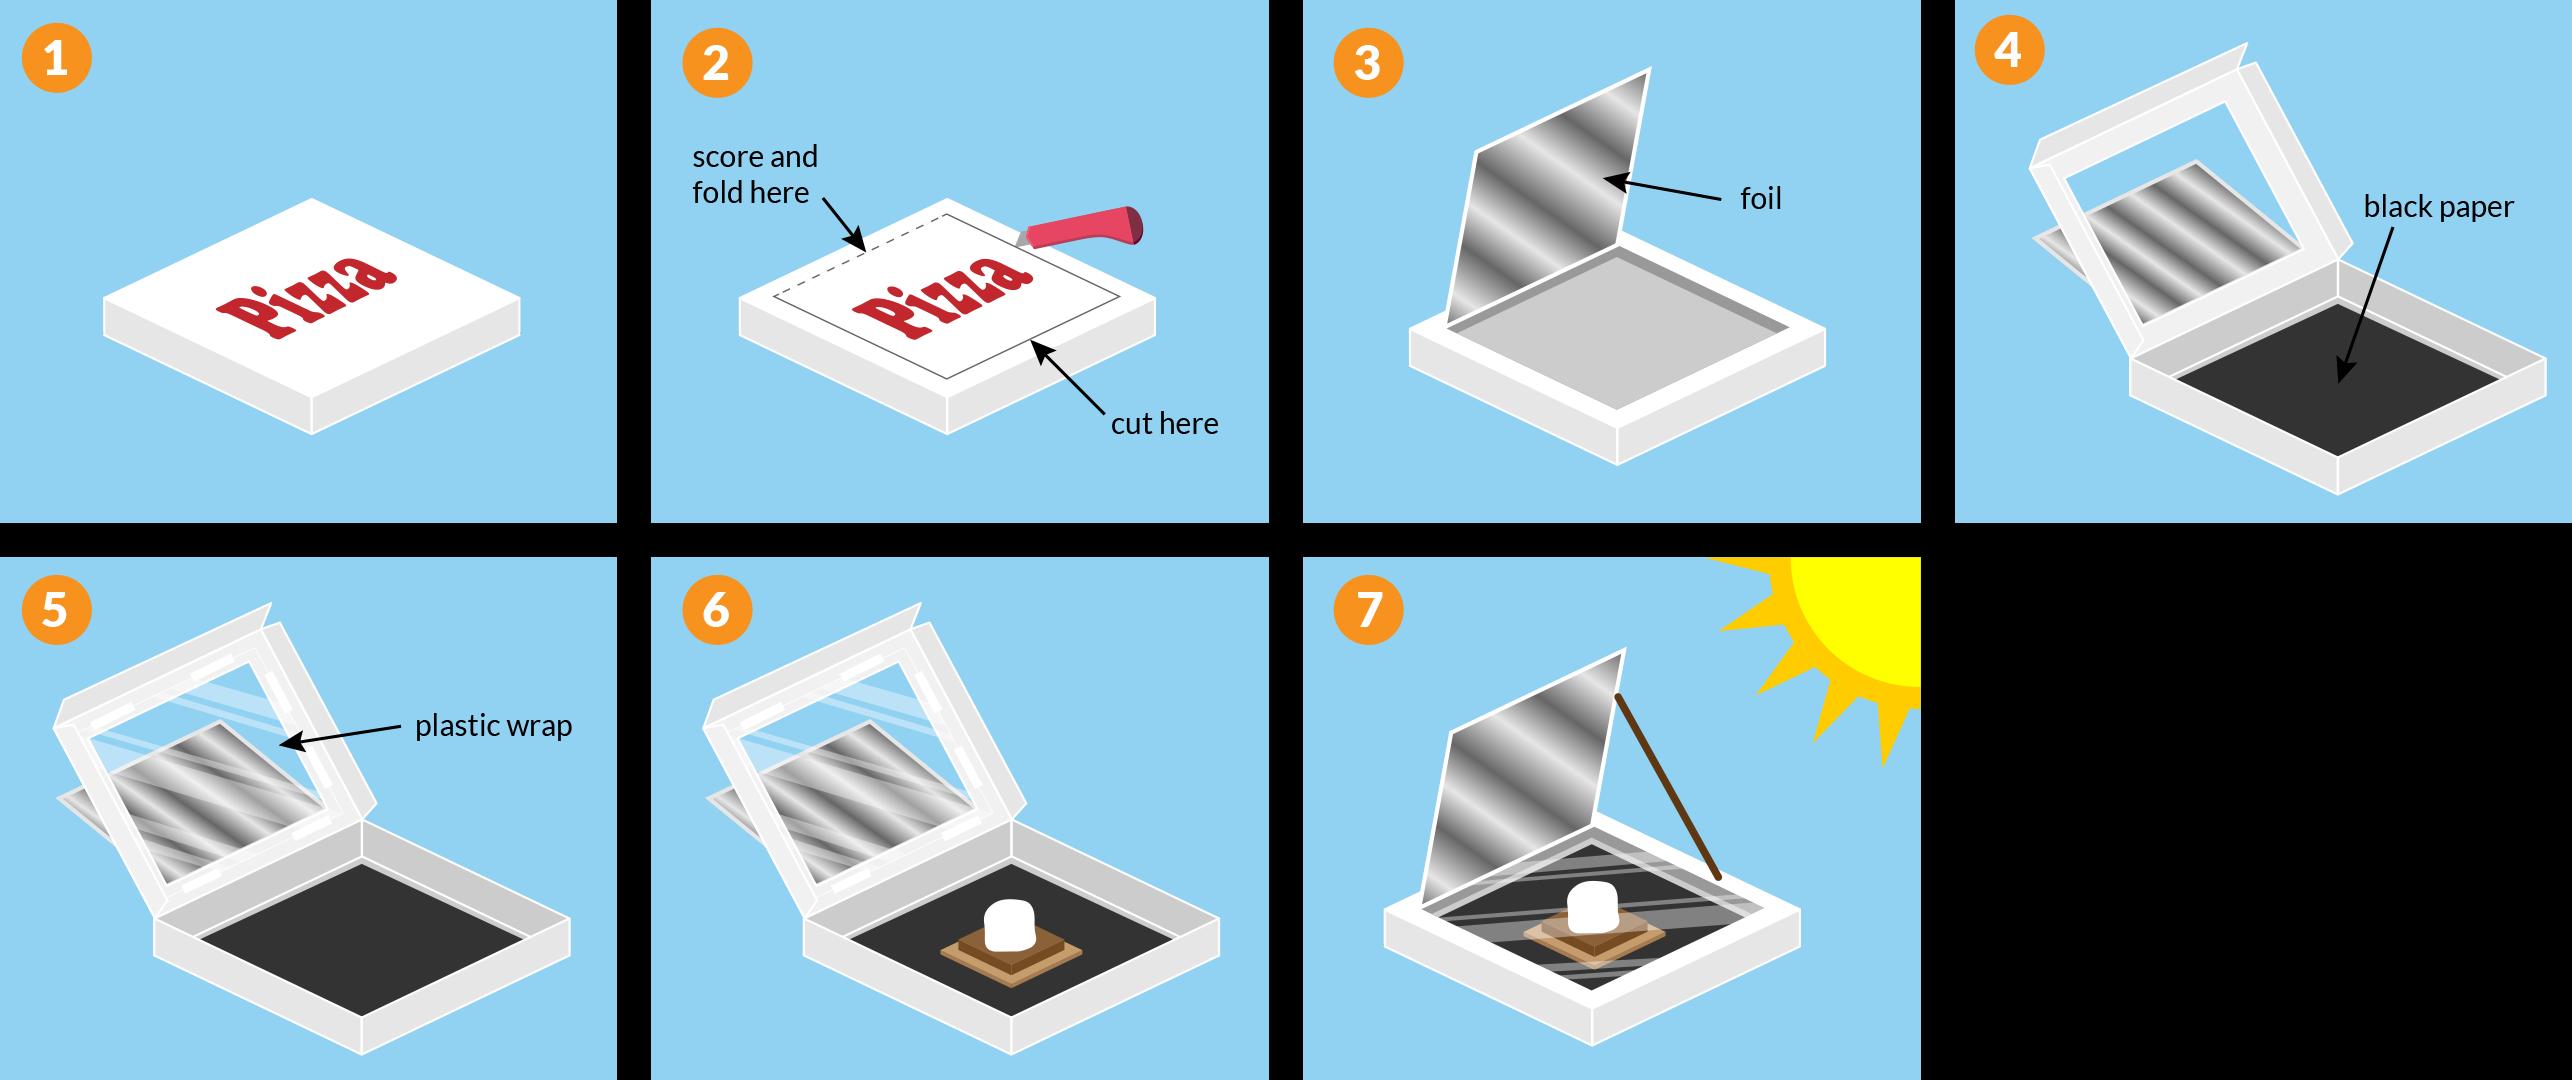 solar oven steps